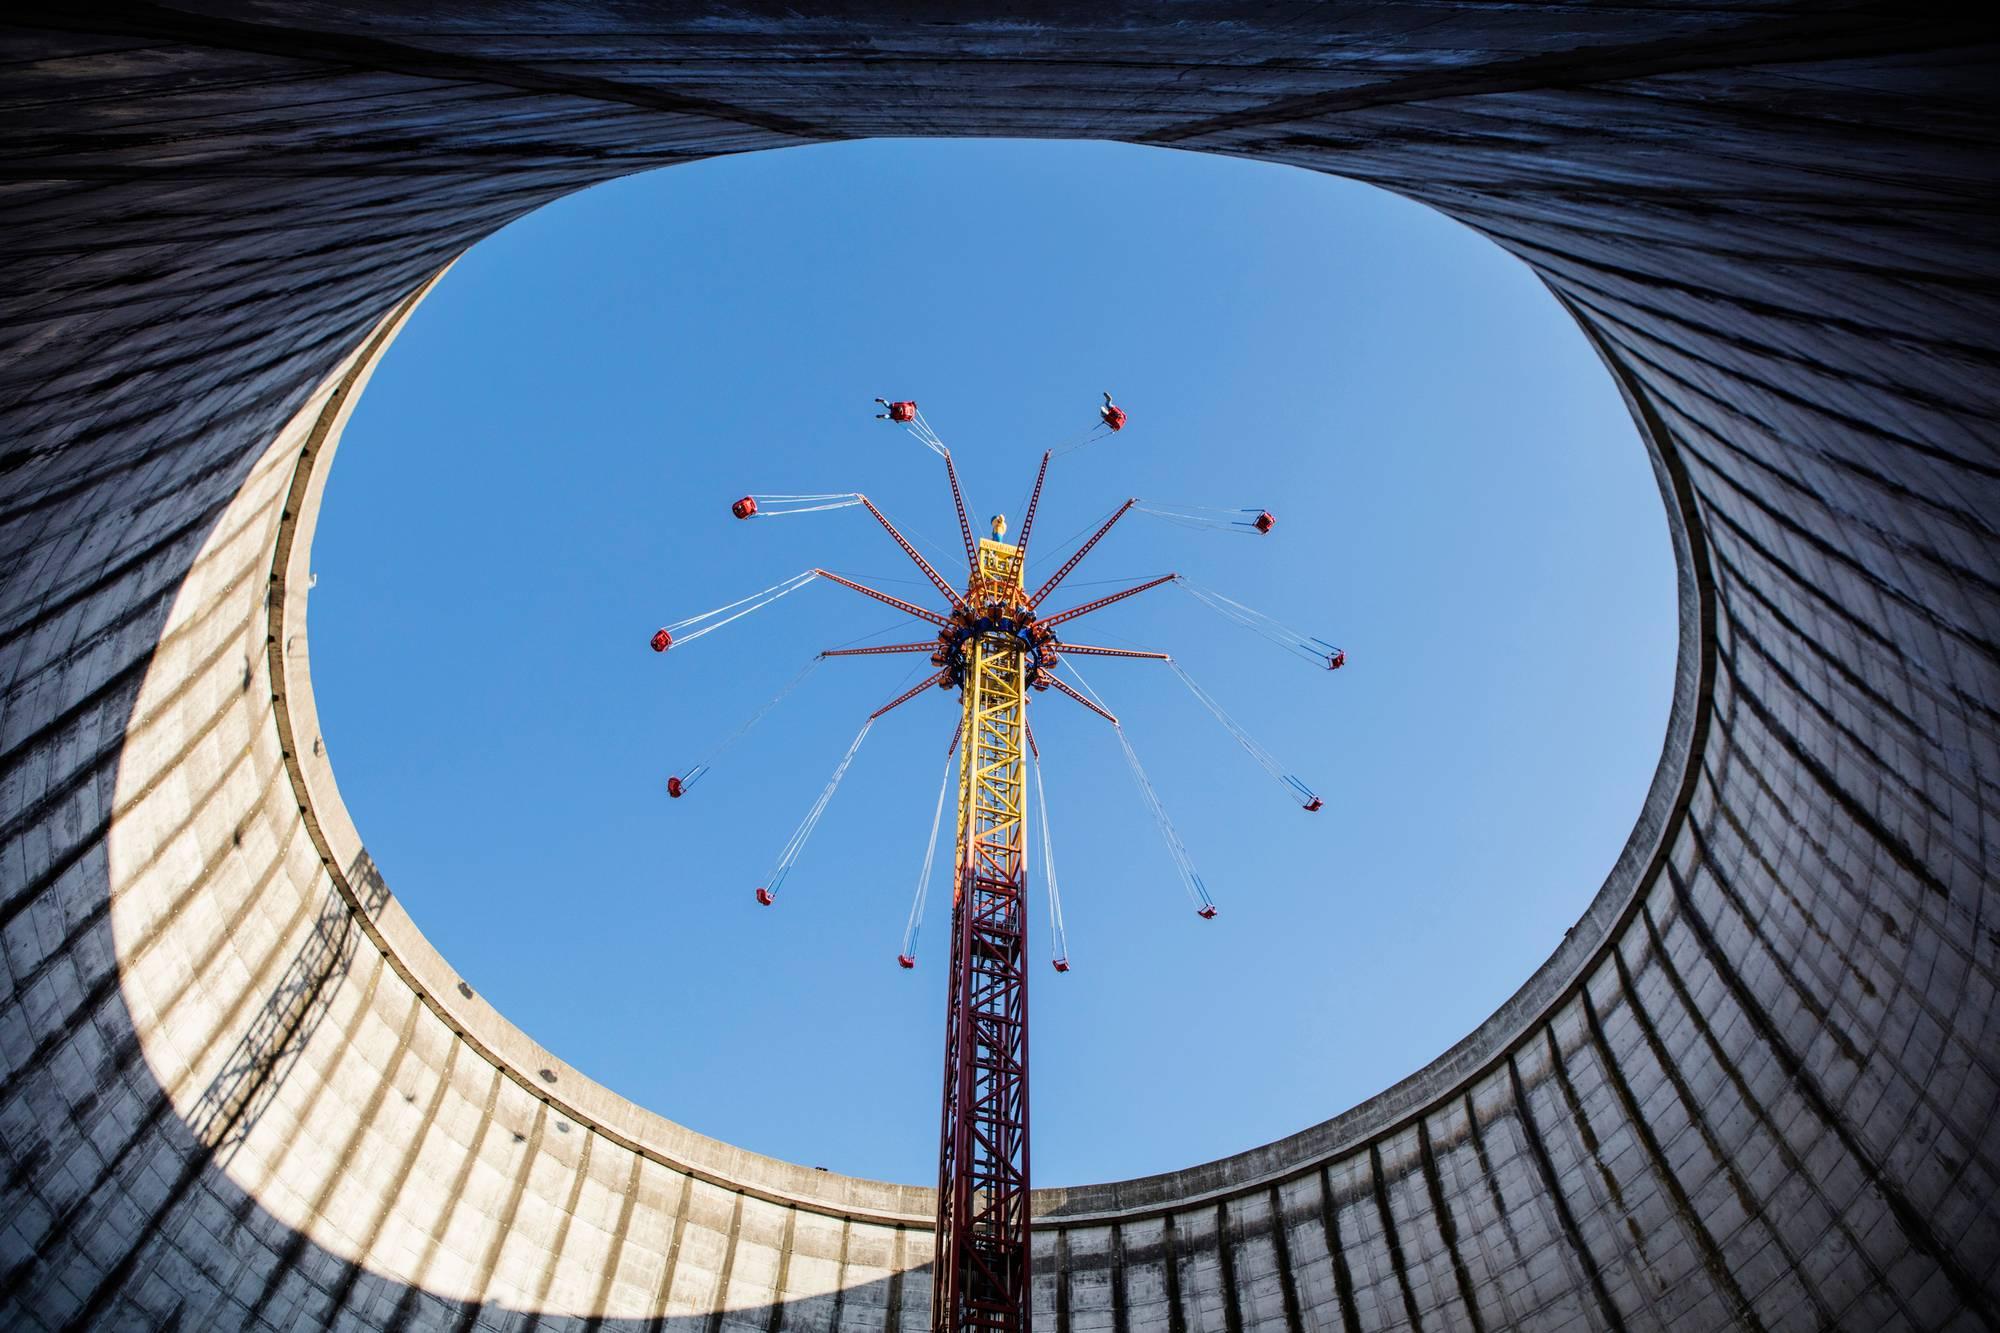 Saksalaisen Kalkarin ydinvoimalan jäähdytystornissa pyörii karuselli. Uudentyyppistä voimalaa vastustettiin ankarasti eikä sitä lopulta koskaan käynnistetty.